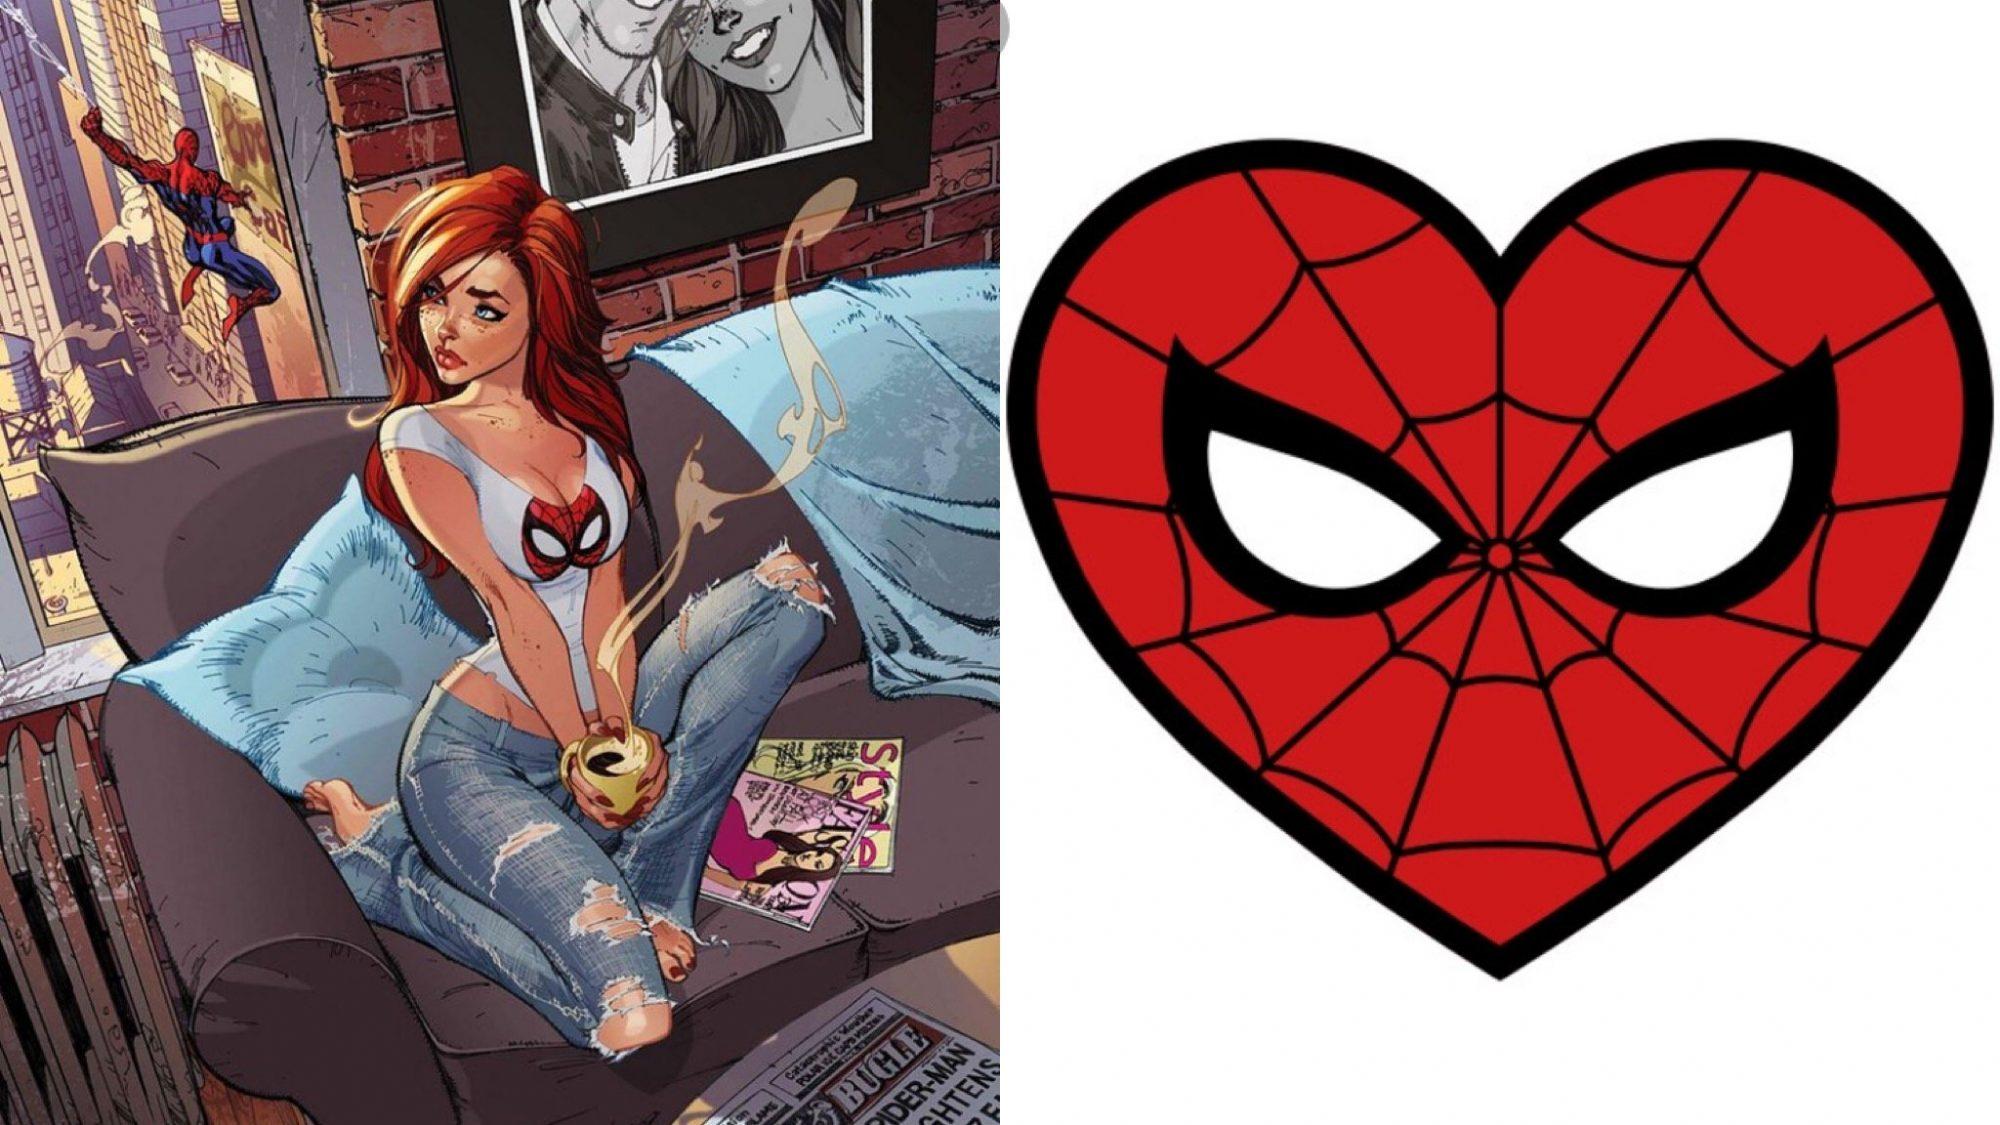 Mary Jane Spider-Man design